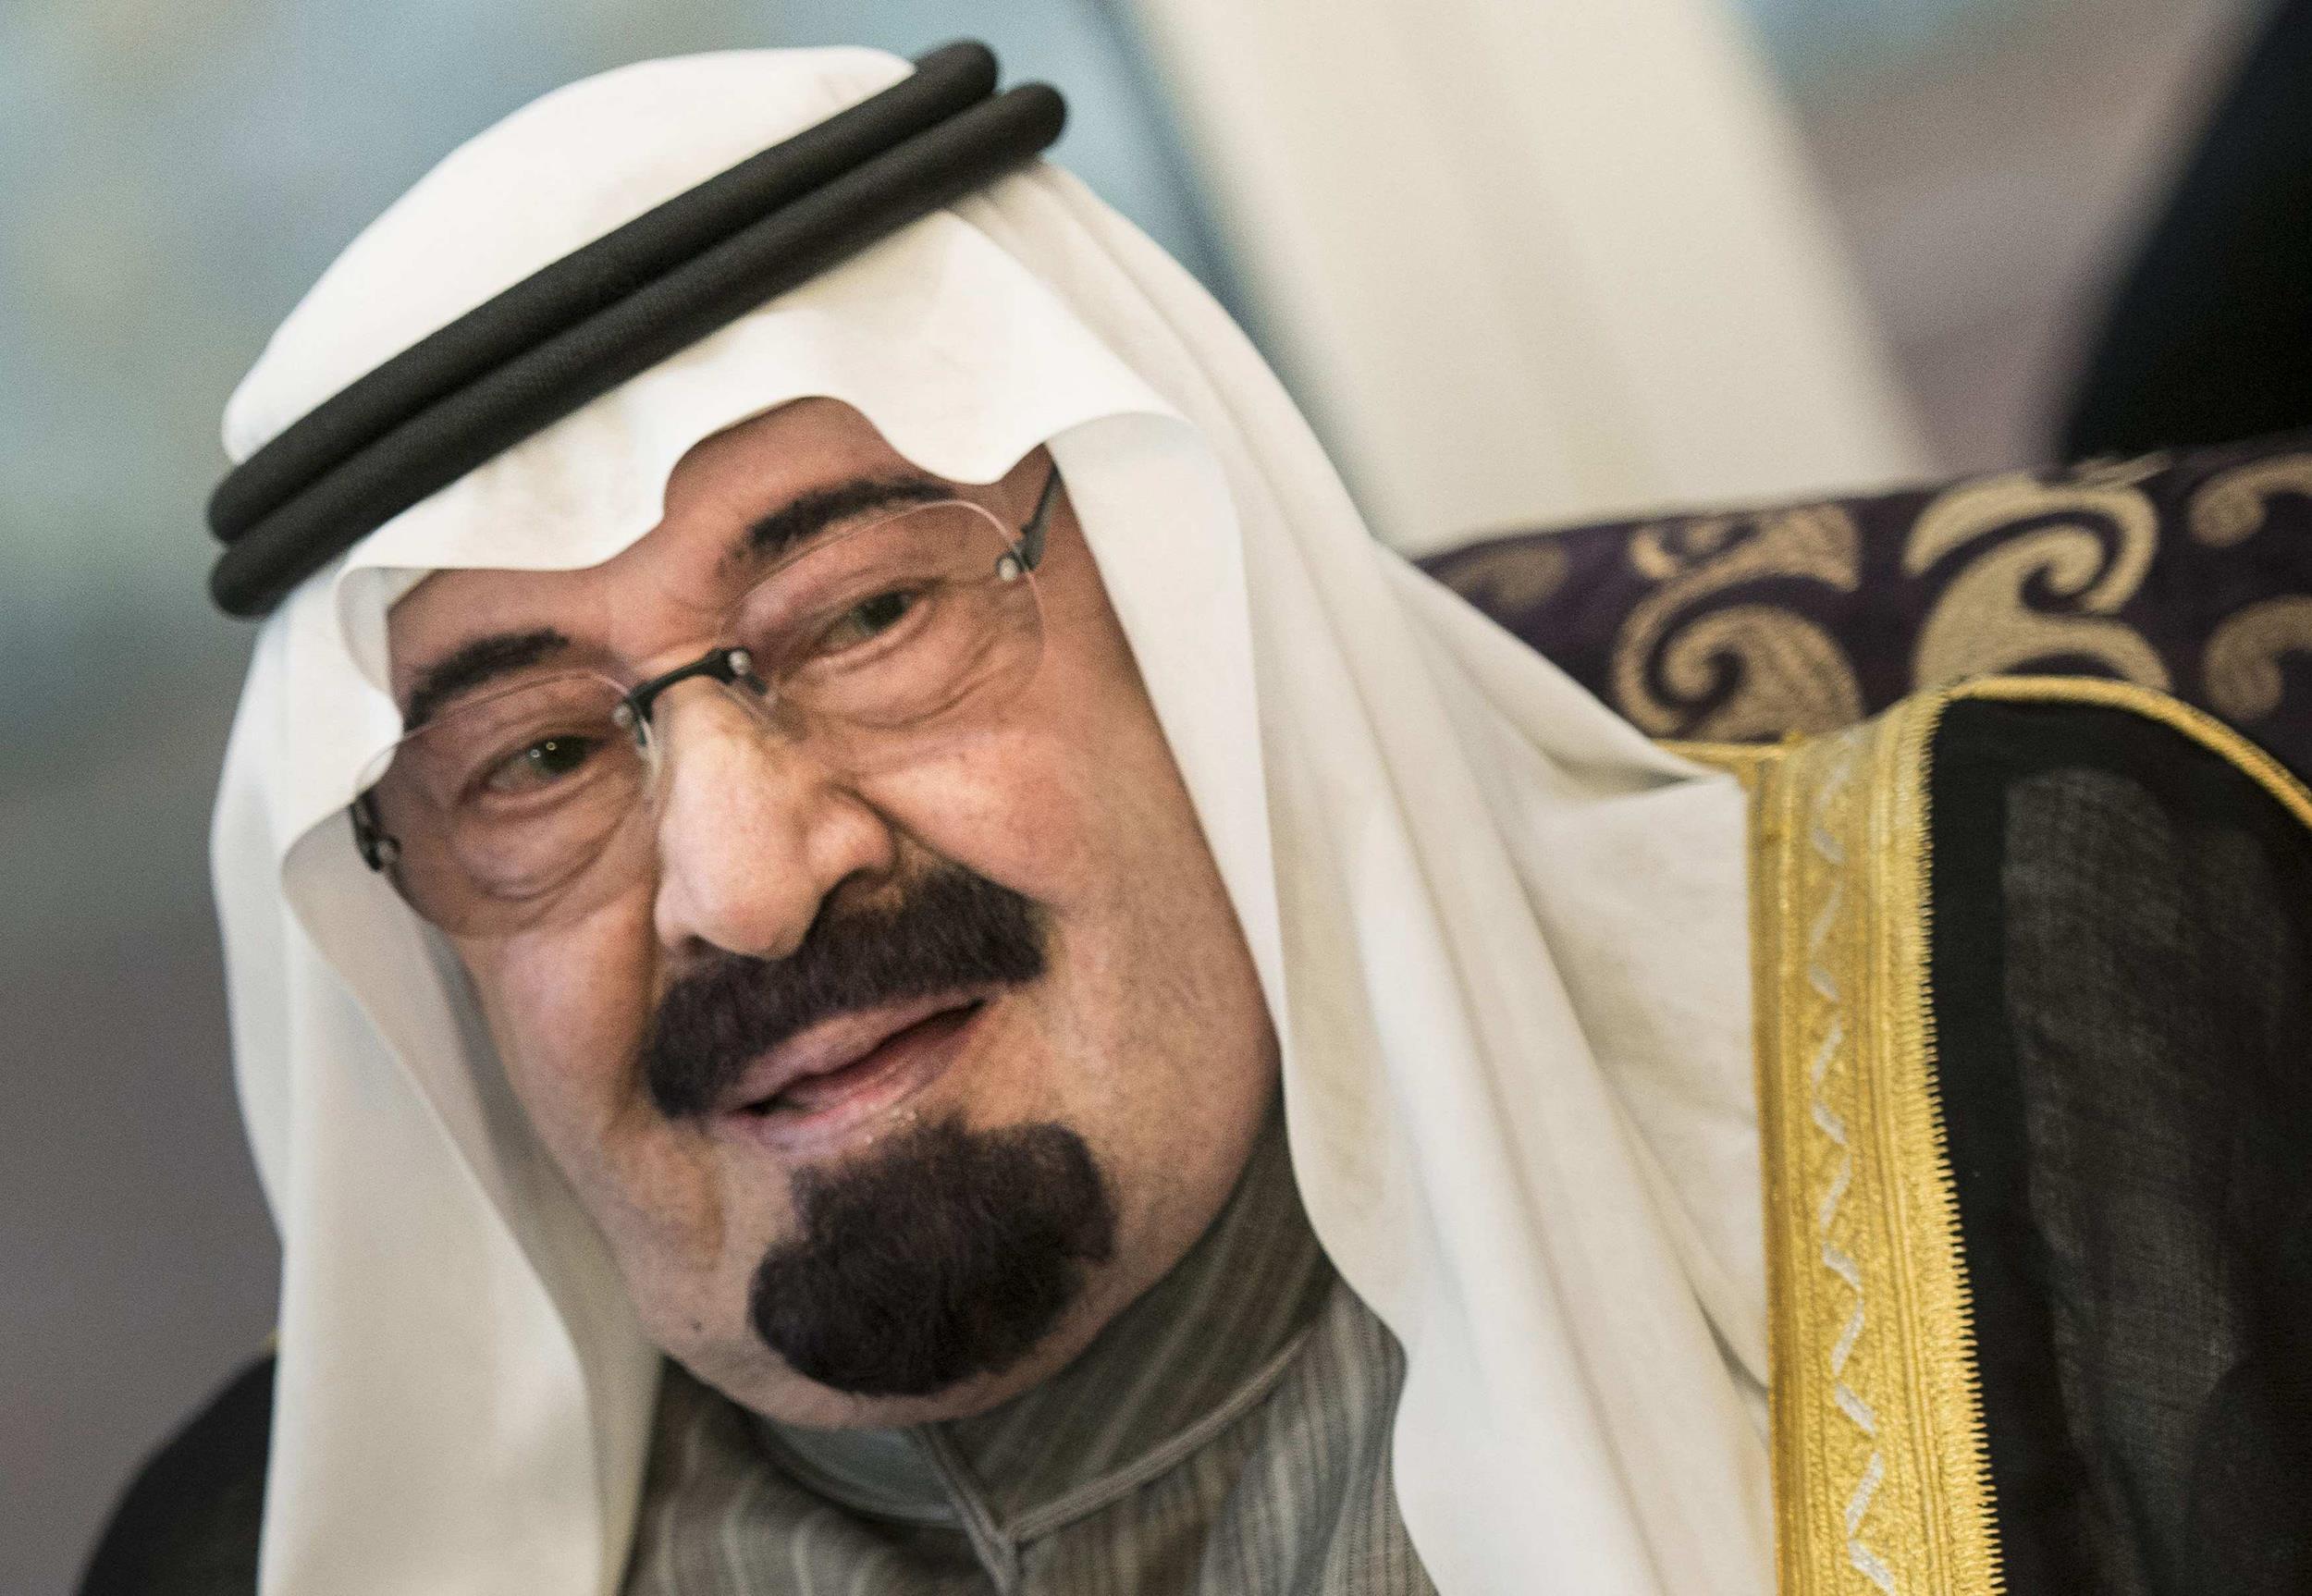 saudi arabias king abdullah given simple muslim burial